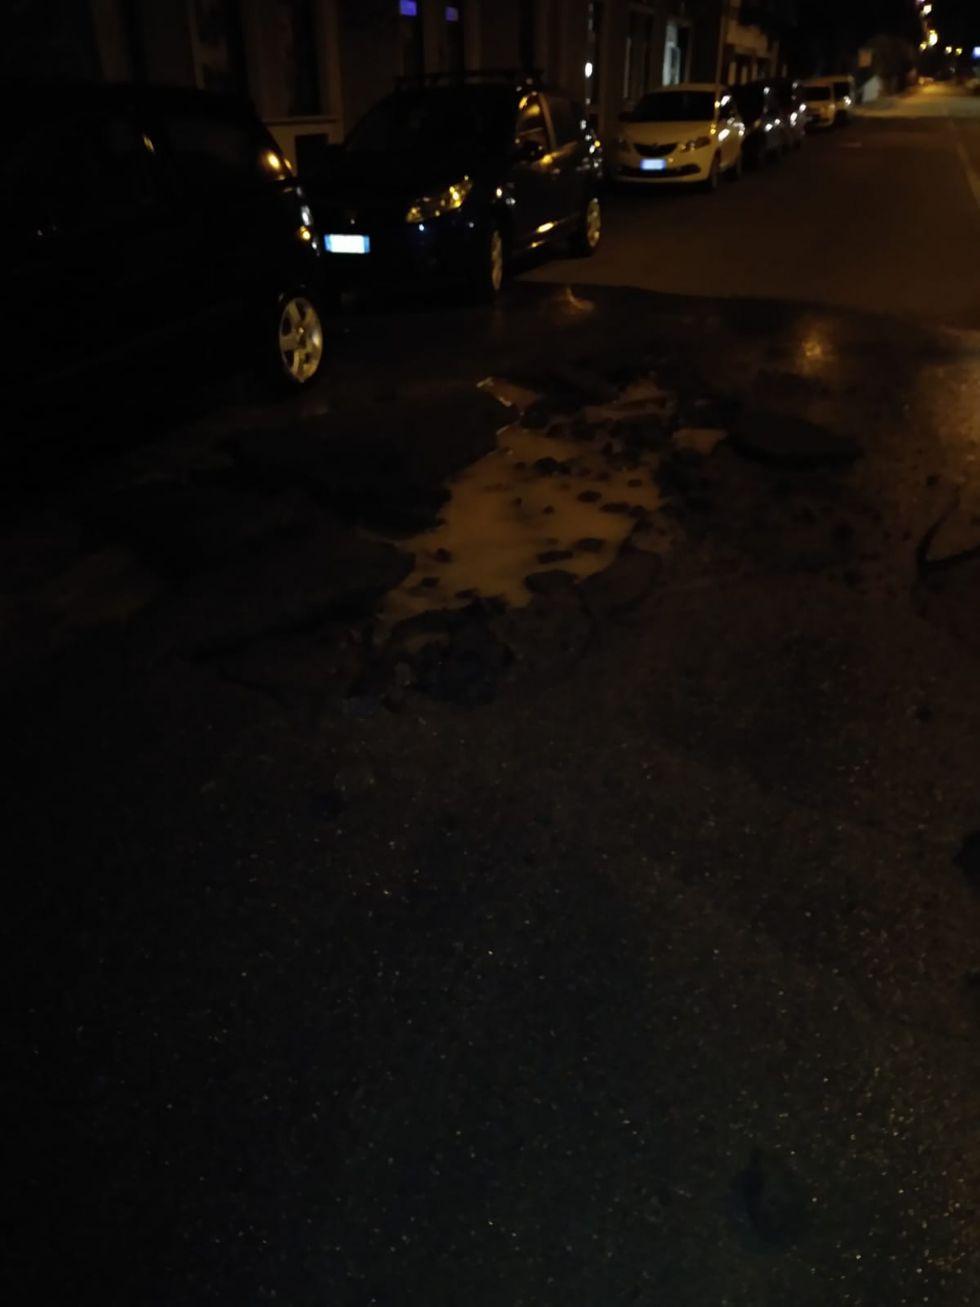 MONCALIERI - Esplode il tubo dell'acqua e l'autobus finisce sulle auto parcheggiate